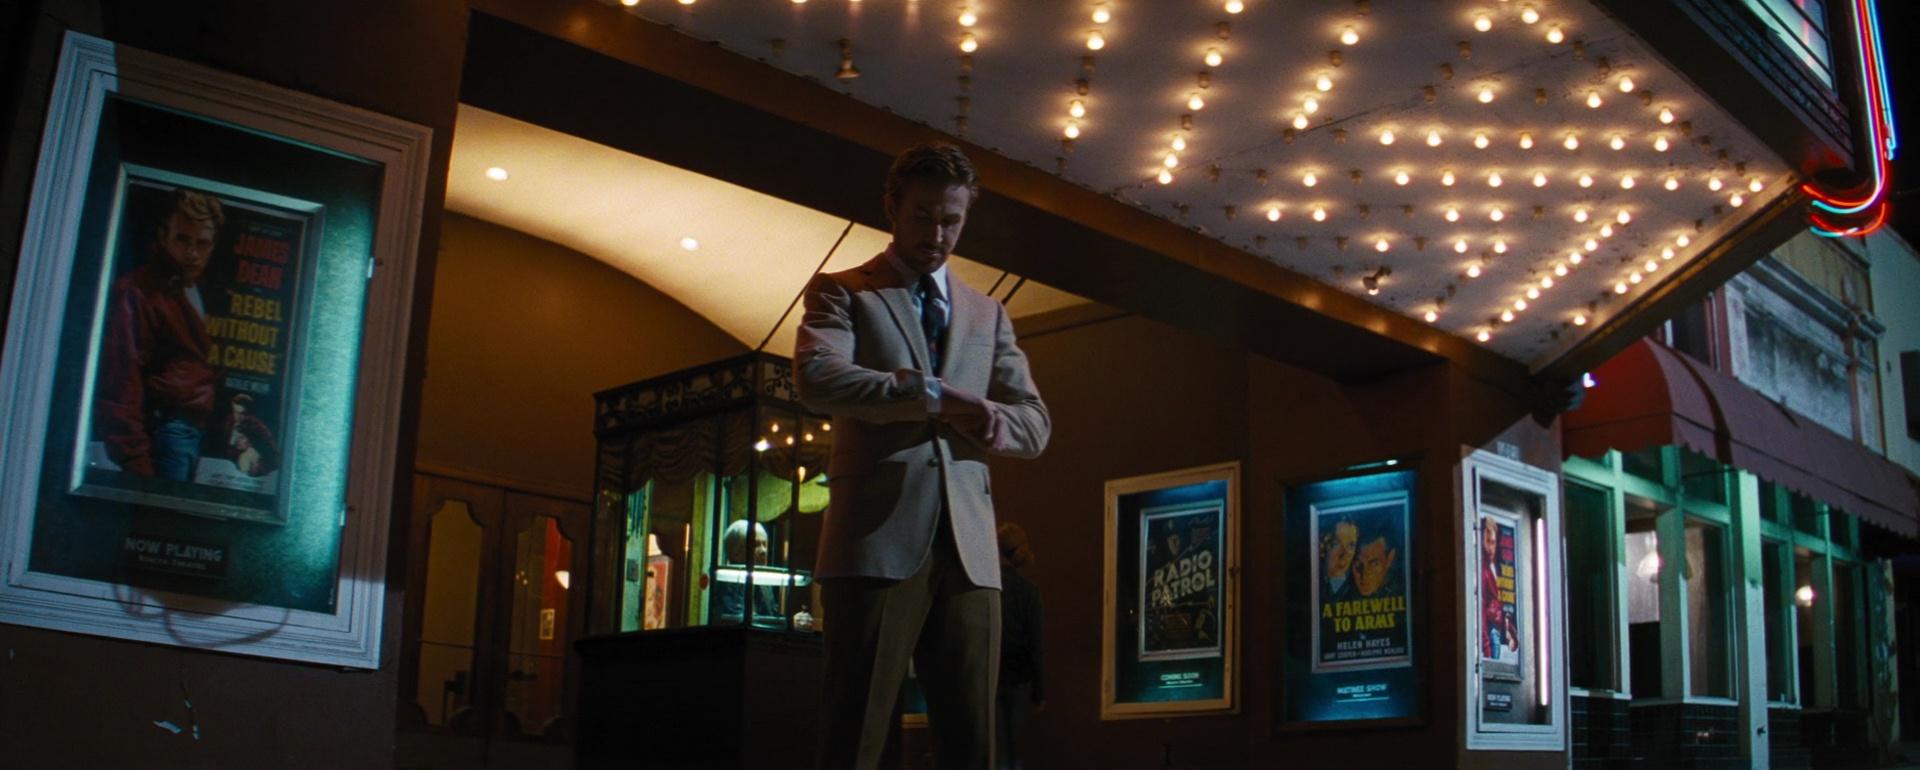 La La Land film still 5